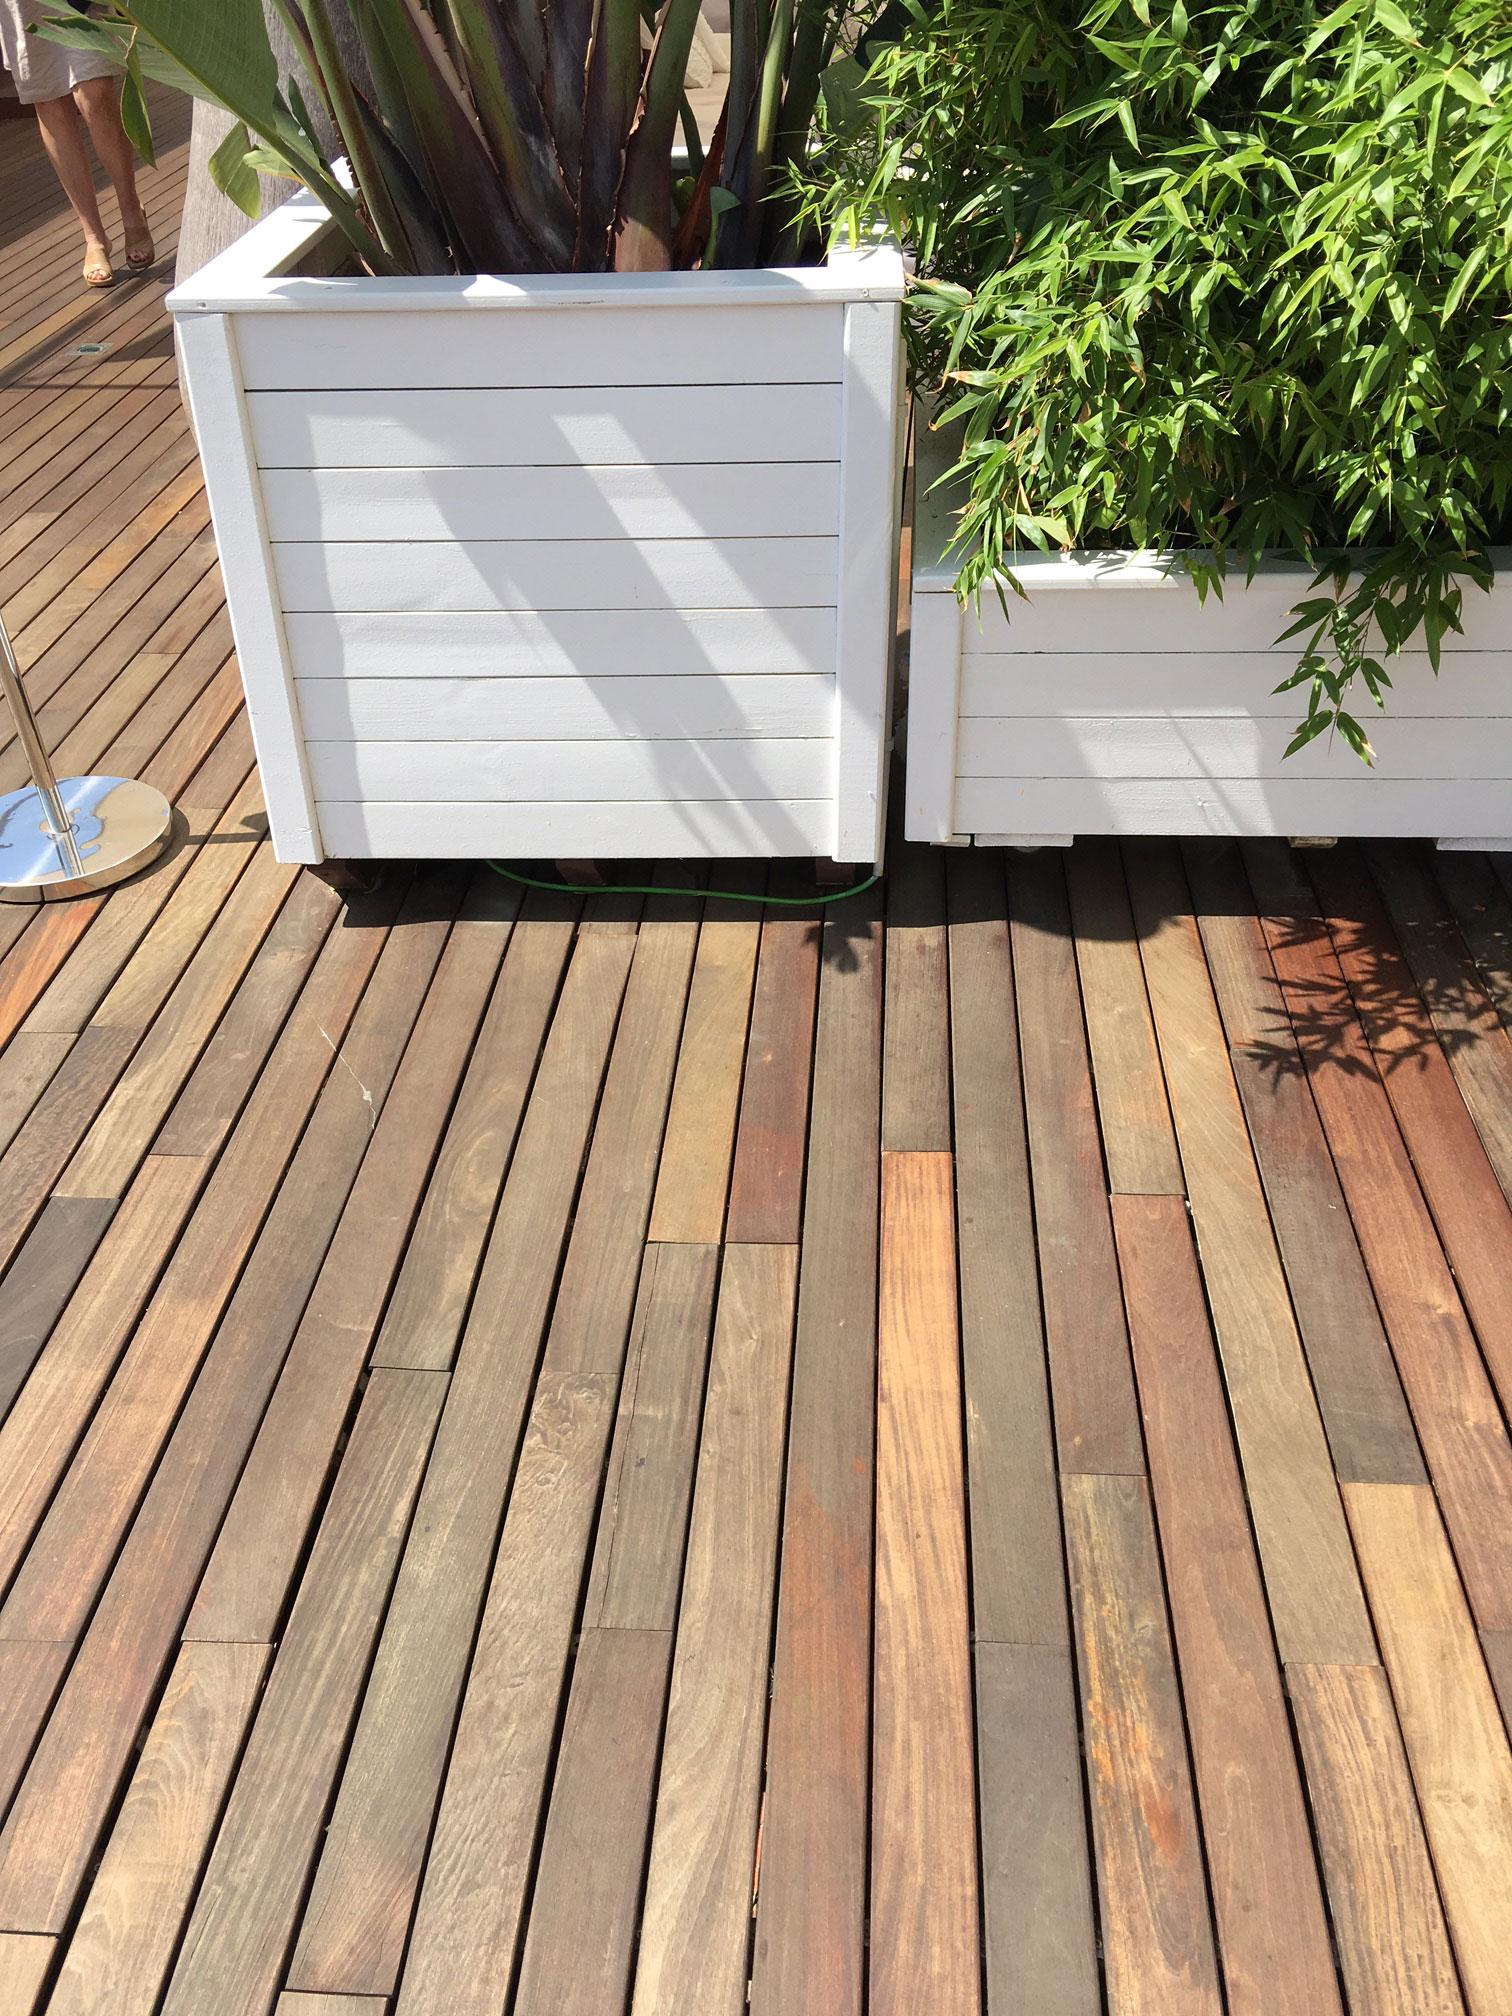 Parquet extérieur lames de terrasse bois massif - Lame de terrasse daisy ipe brut deck clipsable 1 face lisse 140x19x l600mm